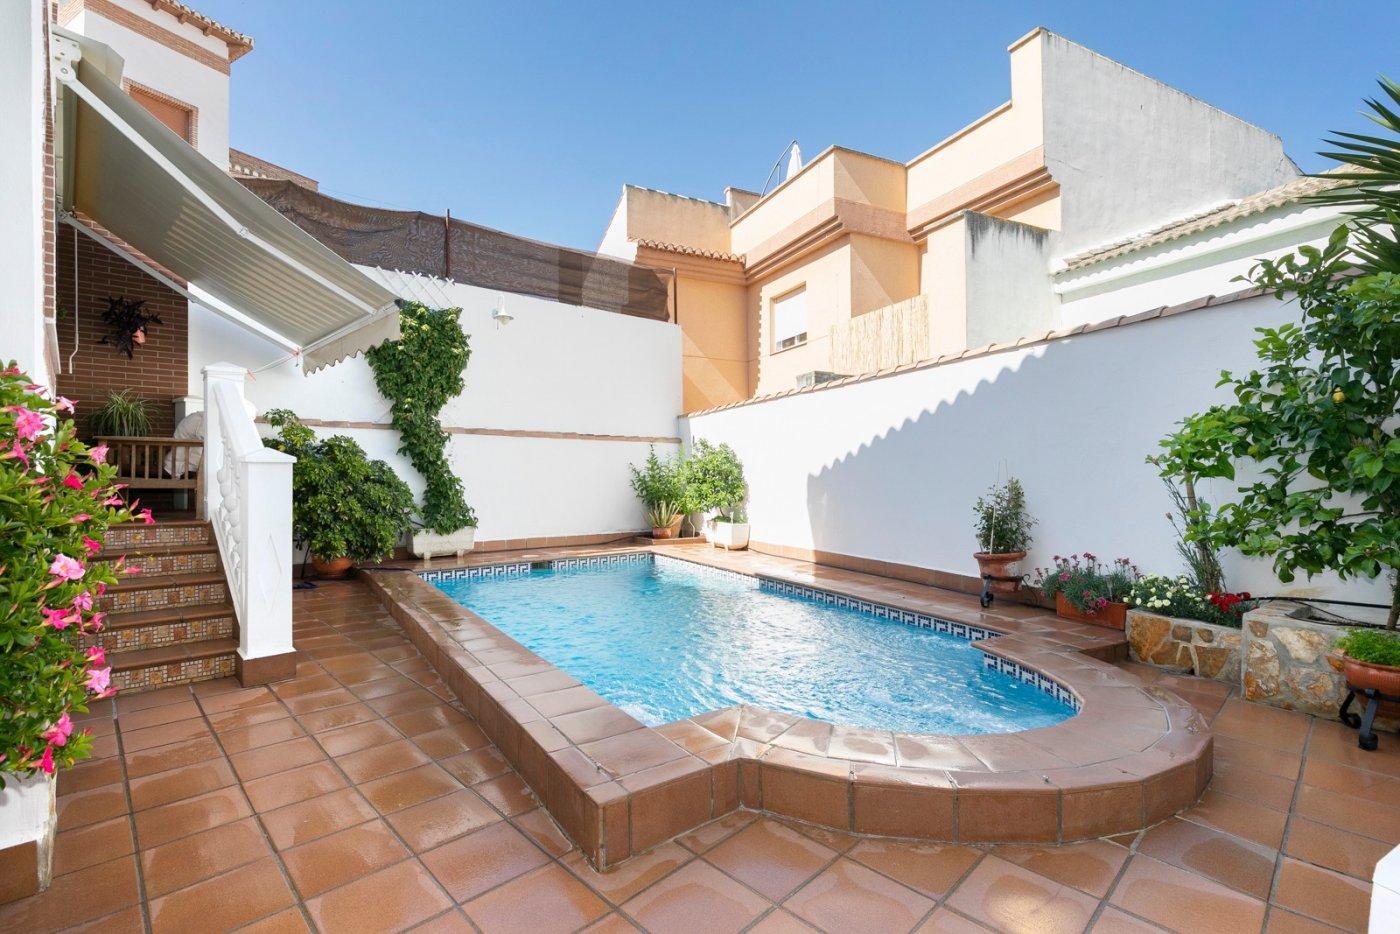 Céntrico chalet pareado con piscina propia